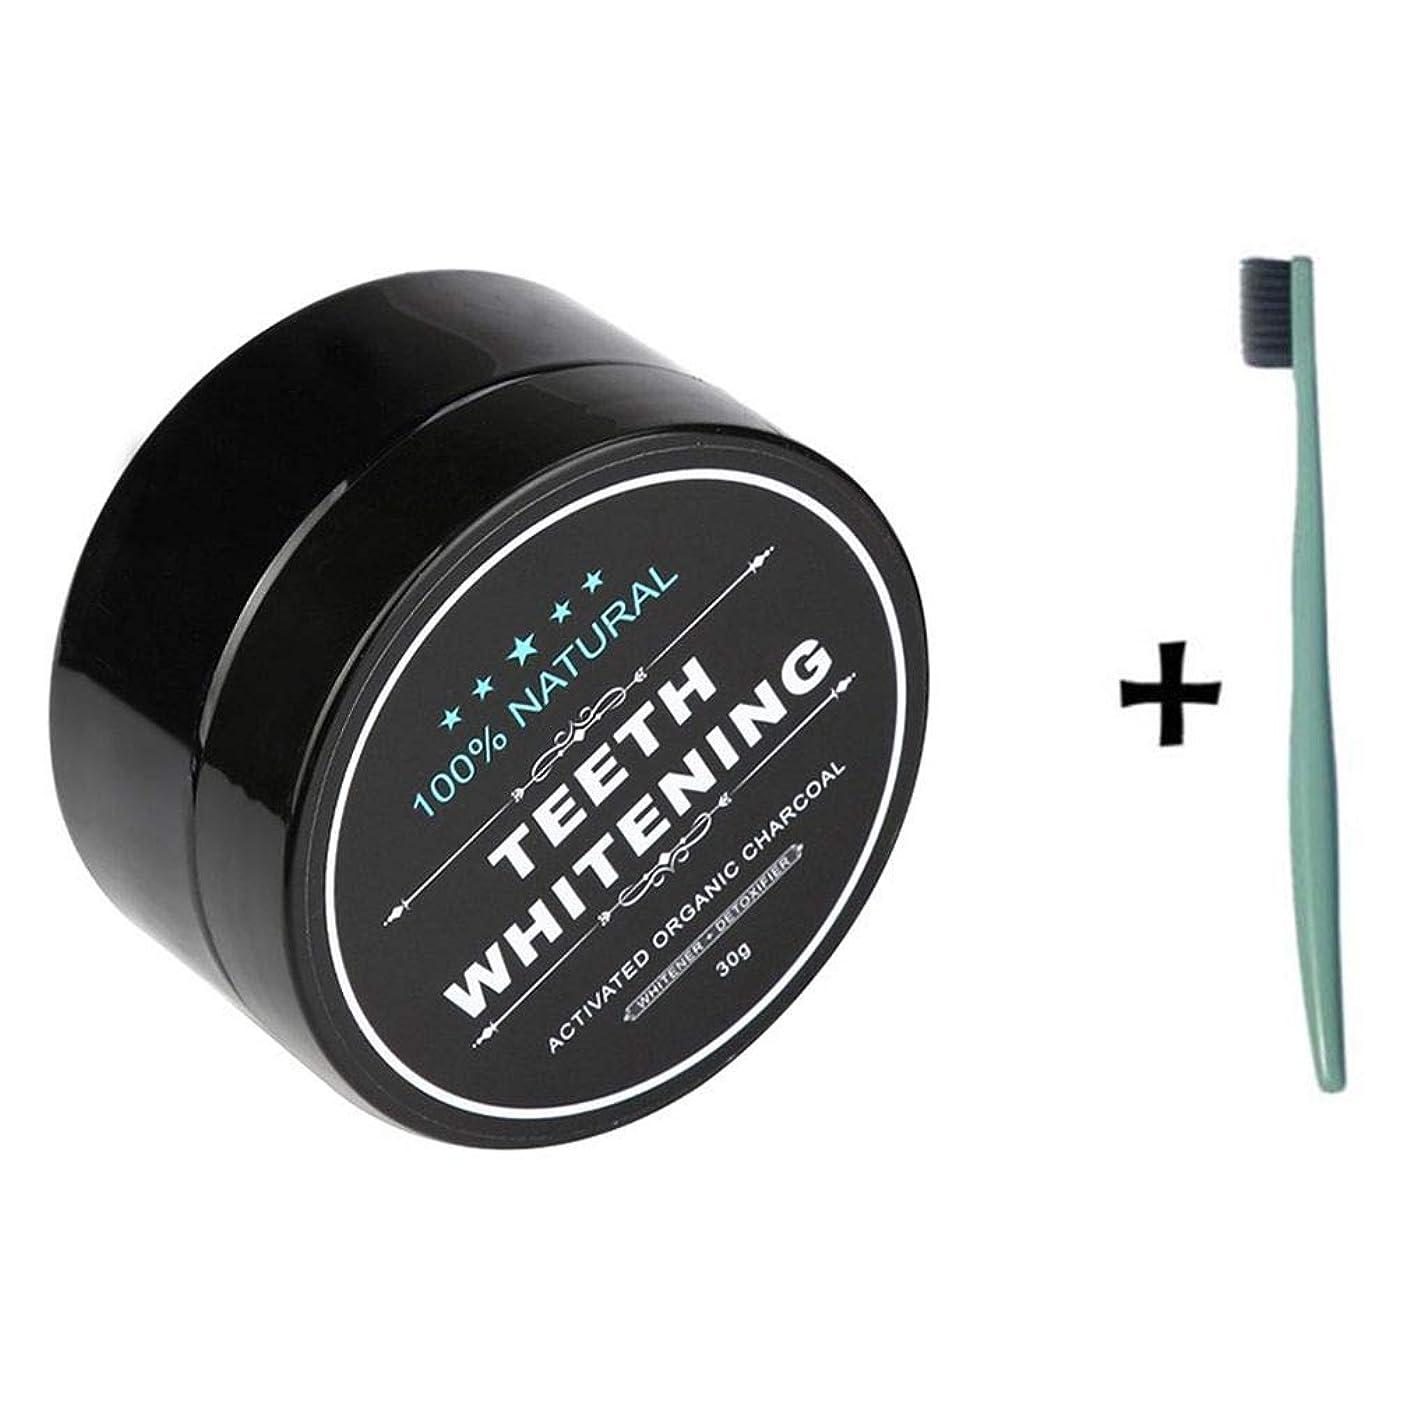 ロゴスマート半ばTopFires 歯磨きパウダー 竹炭歯ブラシ ホワイトニング 口腔衛生 ブラシ付け 30g